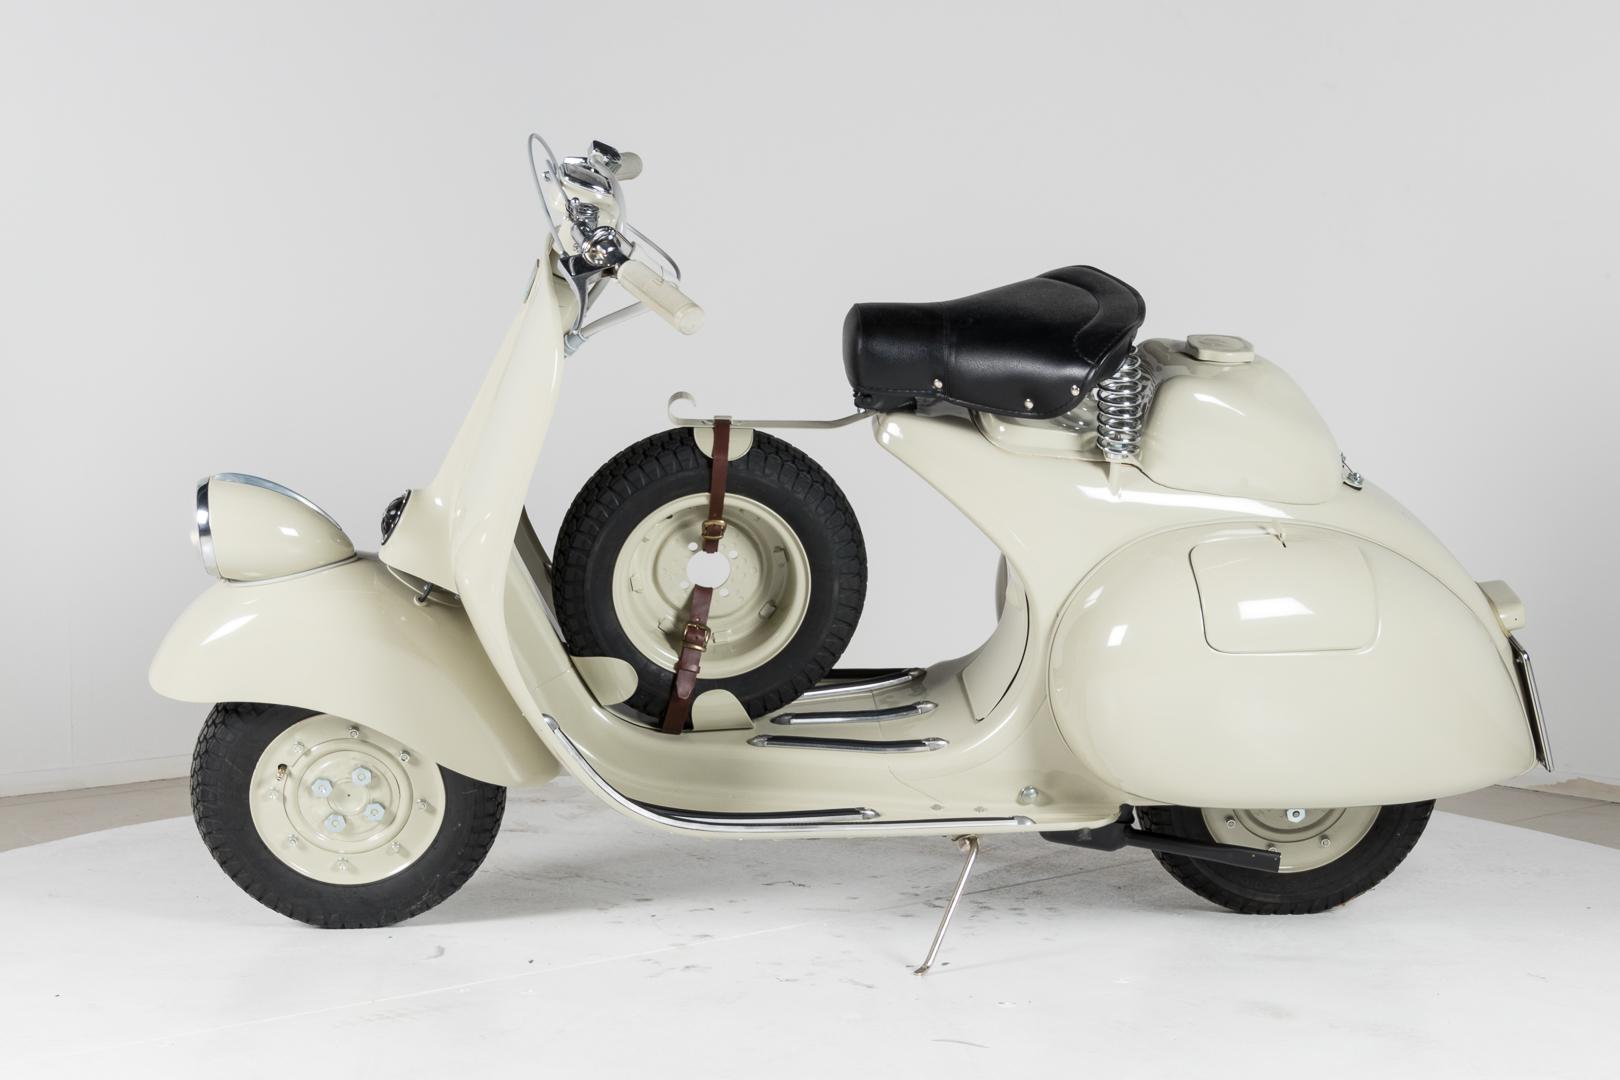 1953 piaggio vespa 125 sei giorni sport piaggio classic motorbikes ruote da sogno. Black Bedroom Furniture Sets. Home Design Ideas